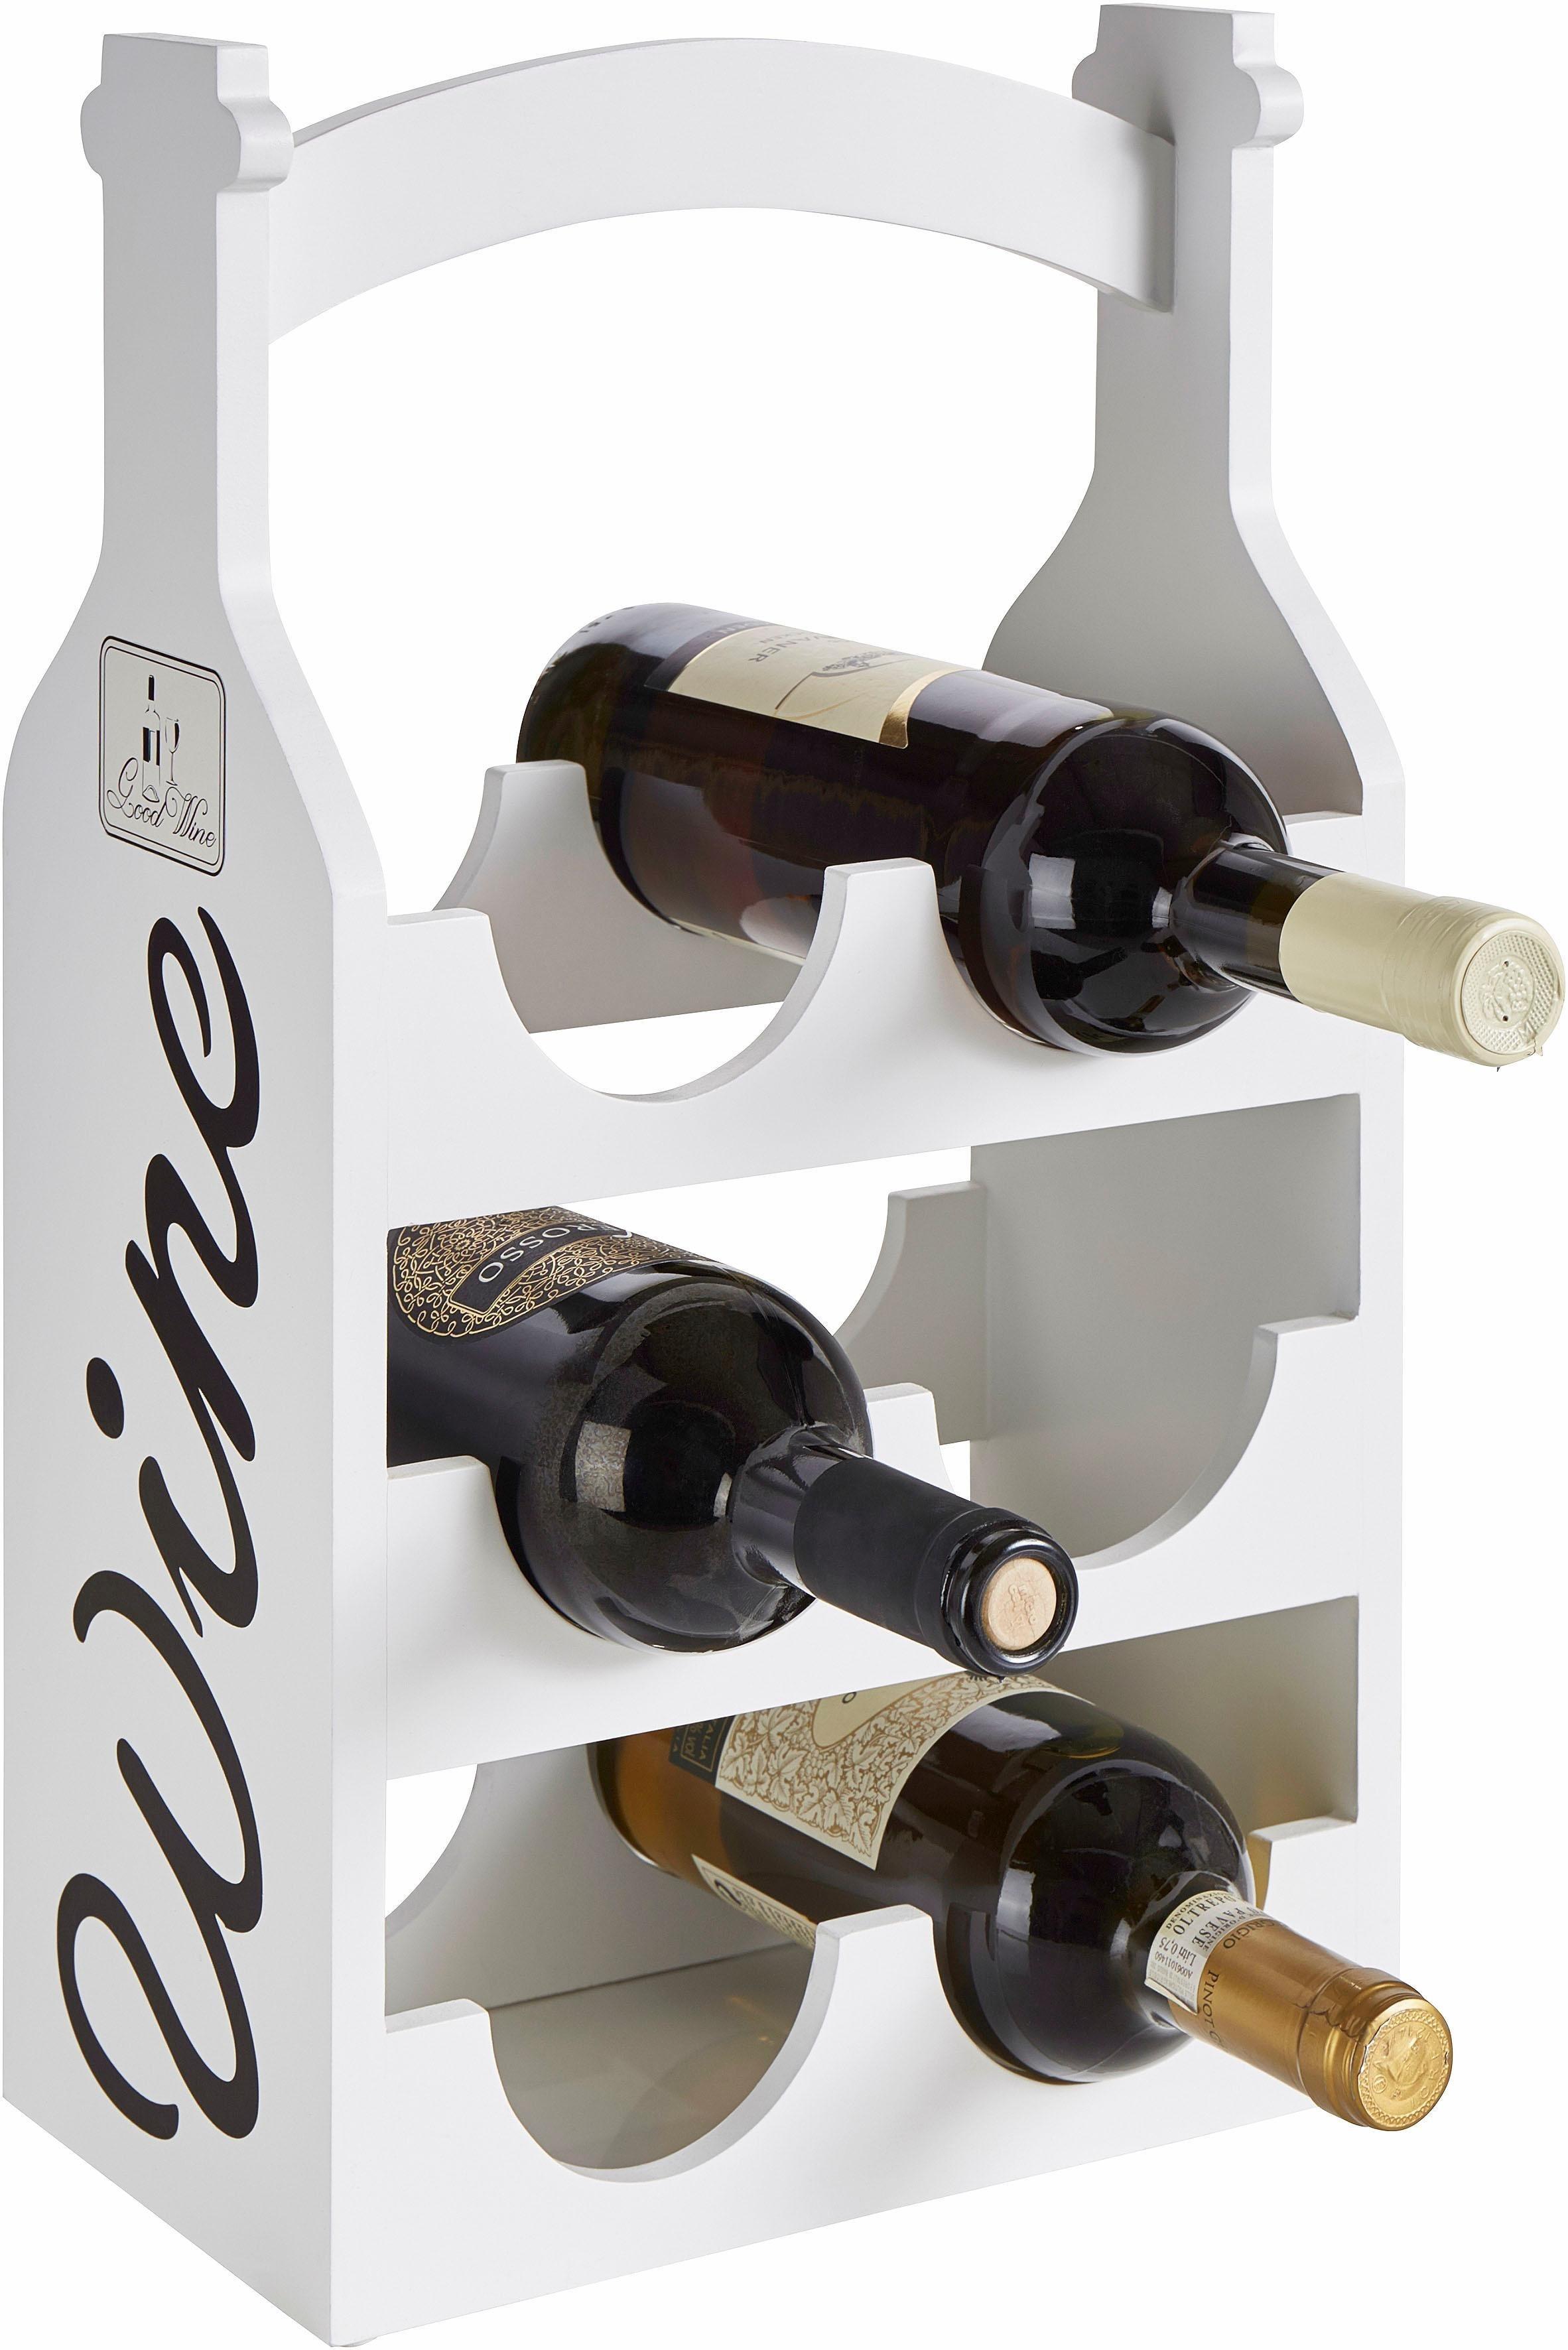 Home affaire Weinregal für 6 Flaschen | Küche und Esszimmer > Küchenregale > Weinregale | Cremeweiß - Print | Home affaire